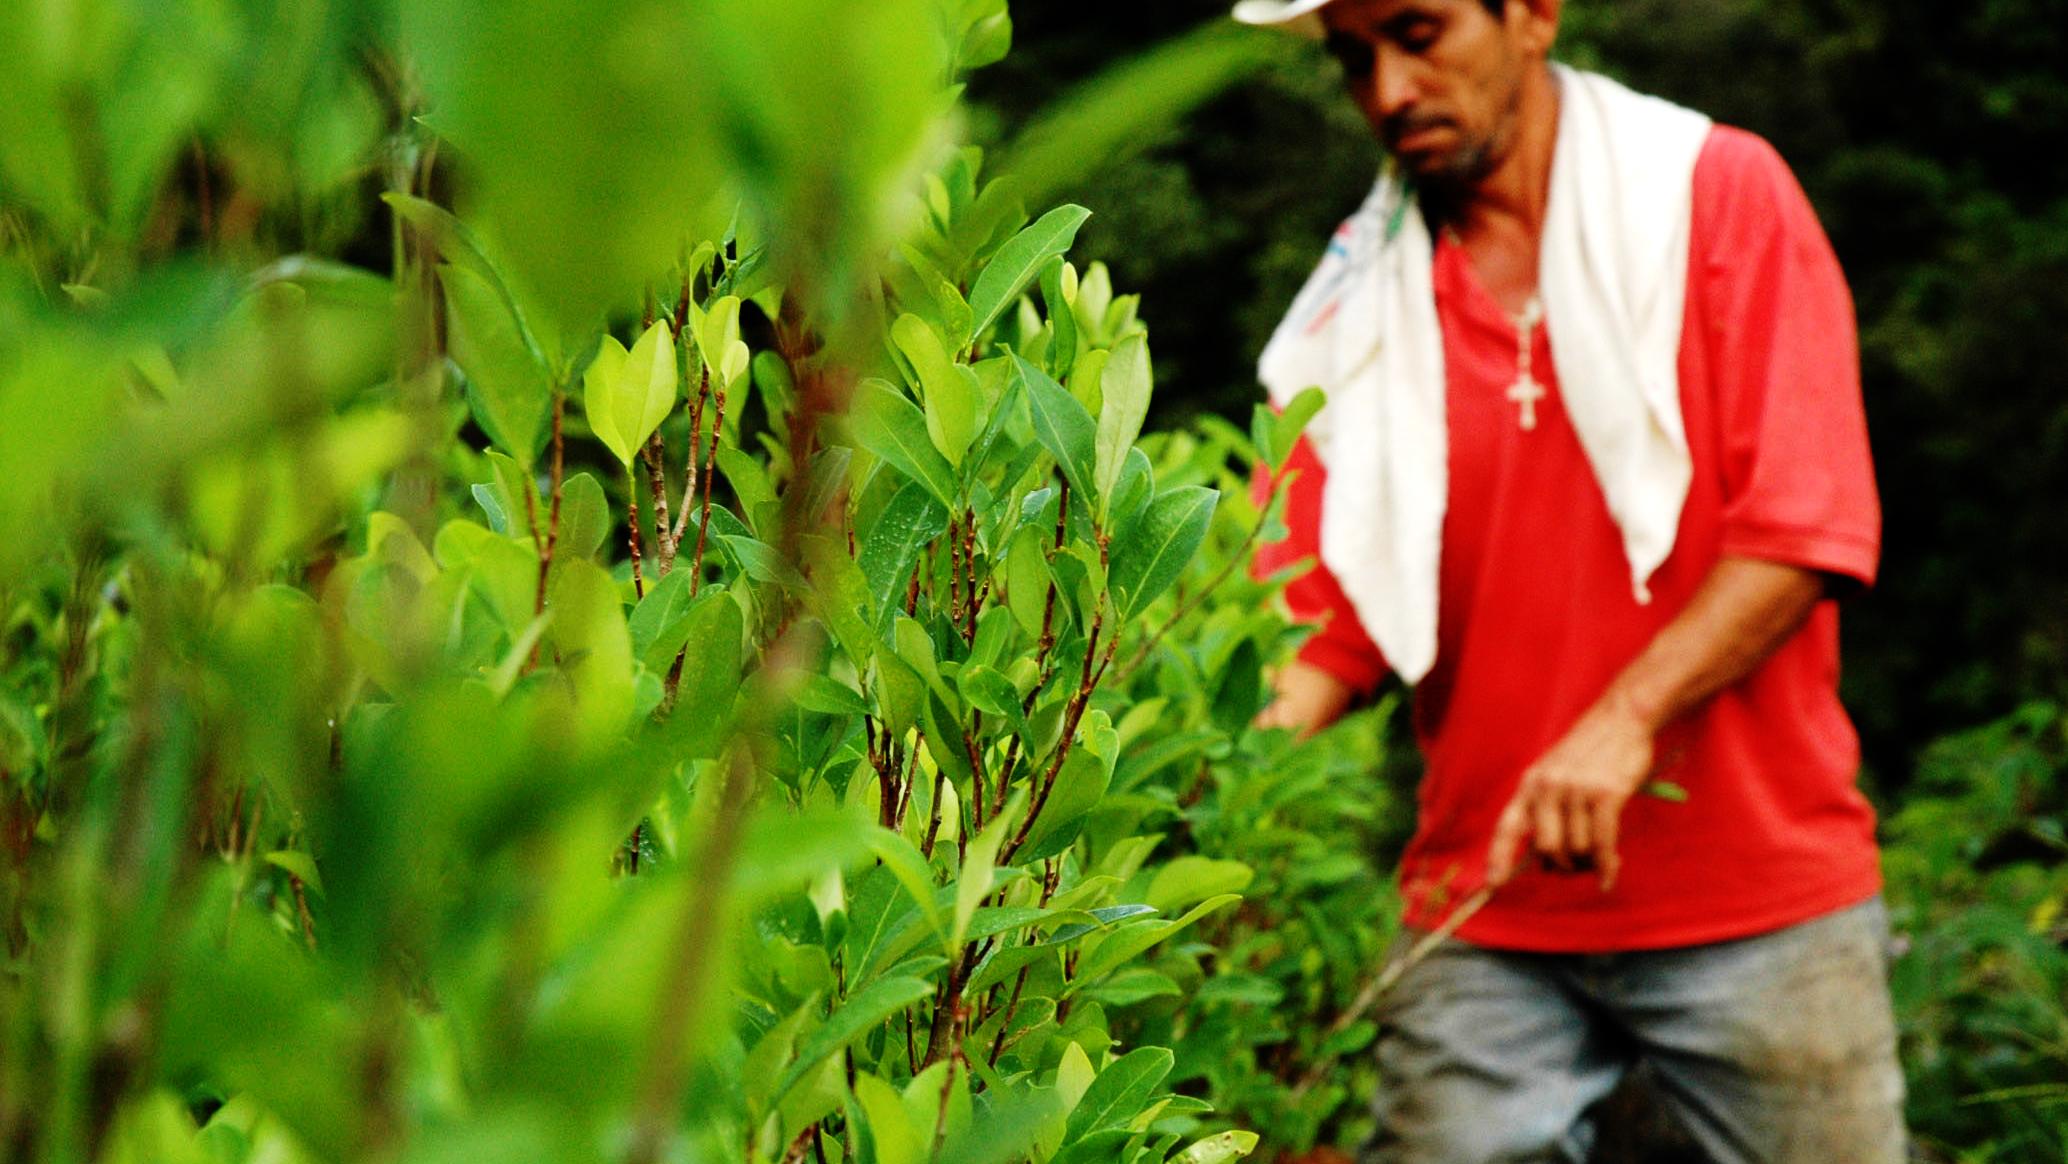 reportajes/caldas/caldas-recibio-certificacion-de-la-onu-como-una-region-libre-de-cultivos-ilicitos